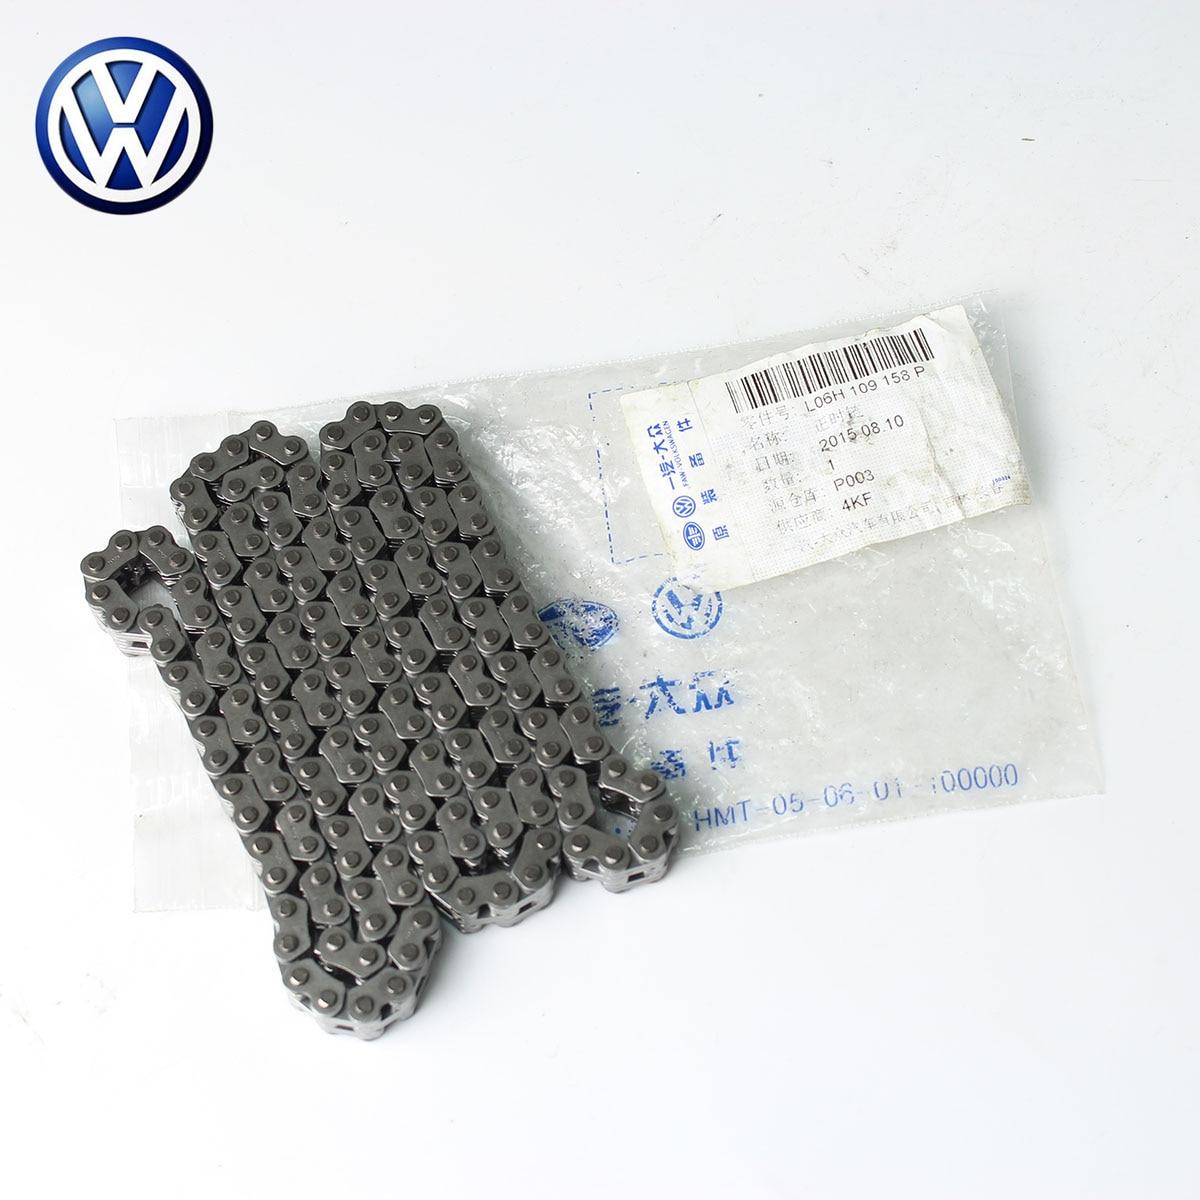 Timing Chain Gear OEM L06H 109 158 P For VW Passat CC/NF Golf MK6 Passat B6/B7 Jetta MK5/MK6 qty 4 oem car door plate warning lights for vw cc sharan touareg passat cc b6 b7 golf jetta mk5 mk6 seat alhambra 3ad 947 411